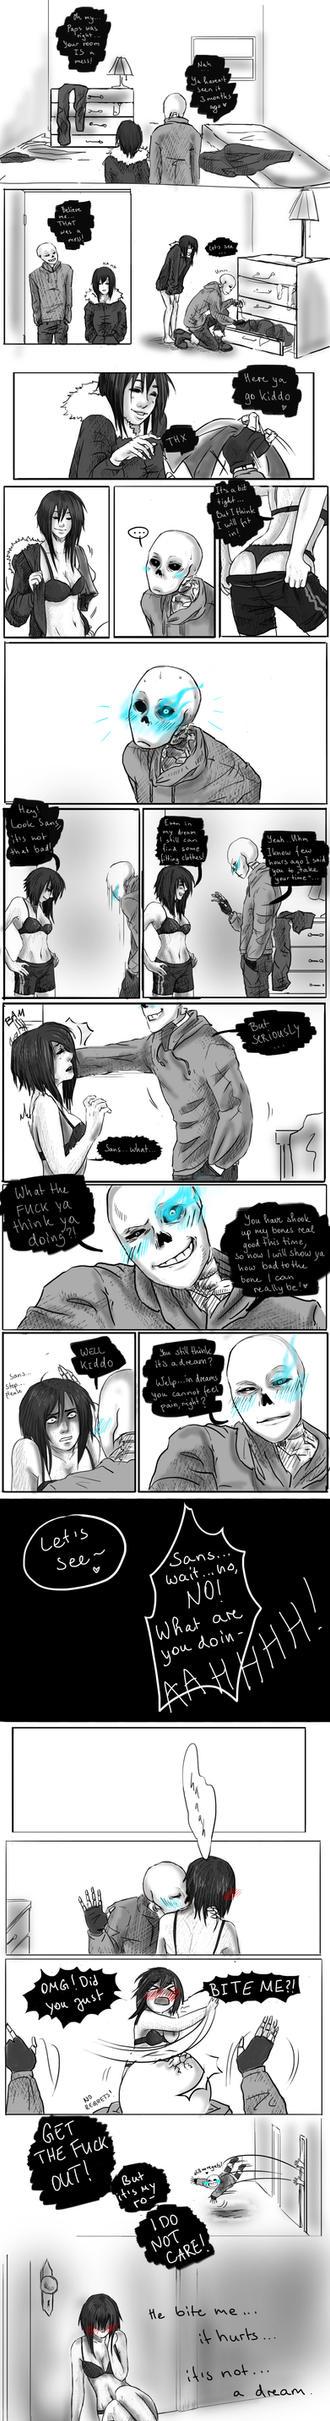 Page 8 (Bonely) Sans x Frisk by KuuhMuuh